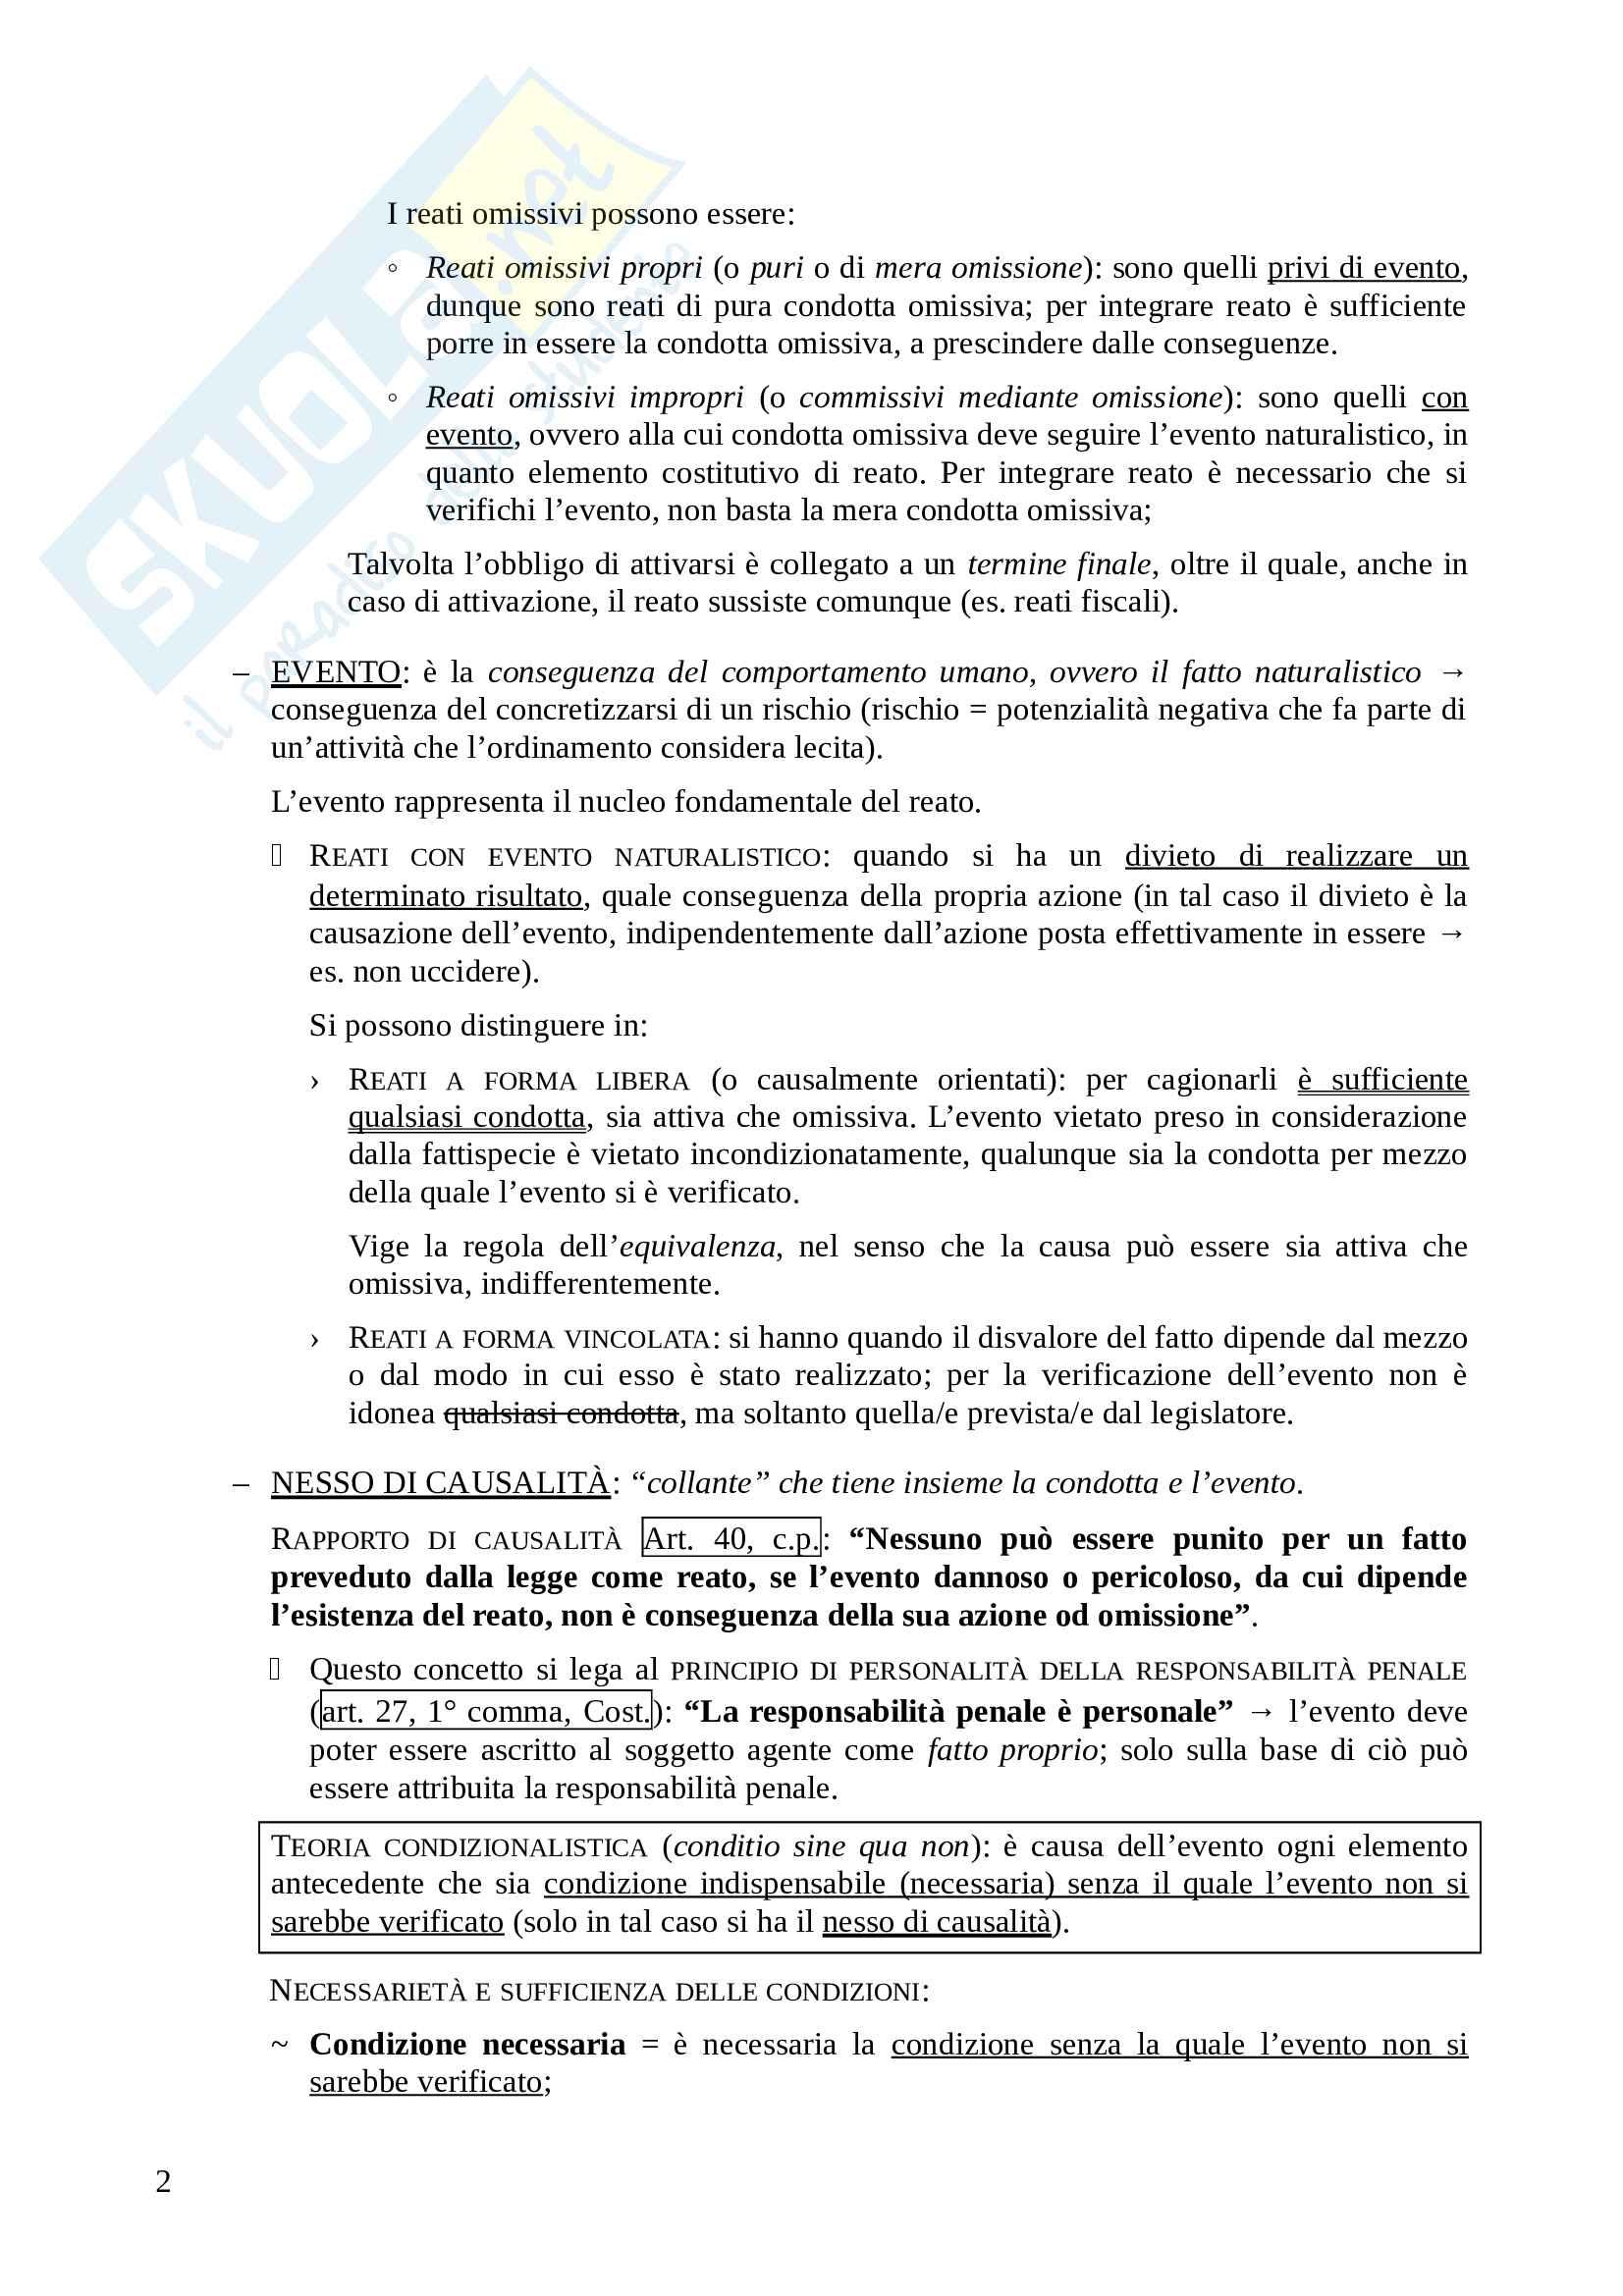 Appunti di diritto penale - parte generale, prof. Pighi, libro consigliato Diritto penale, Pulitanò Pag. 2